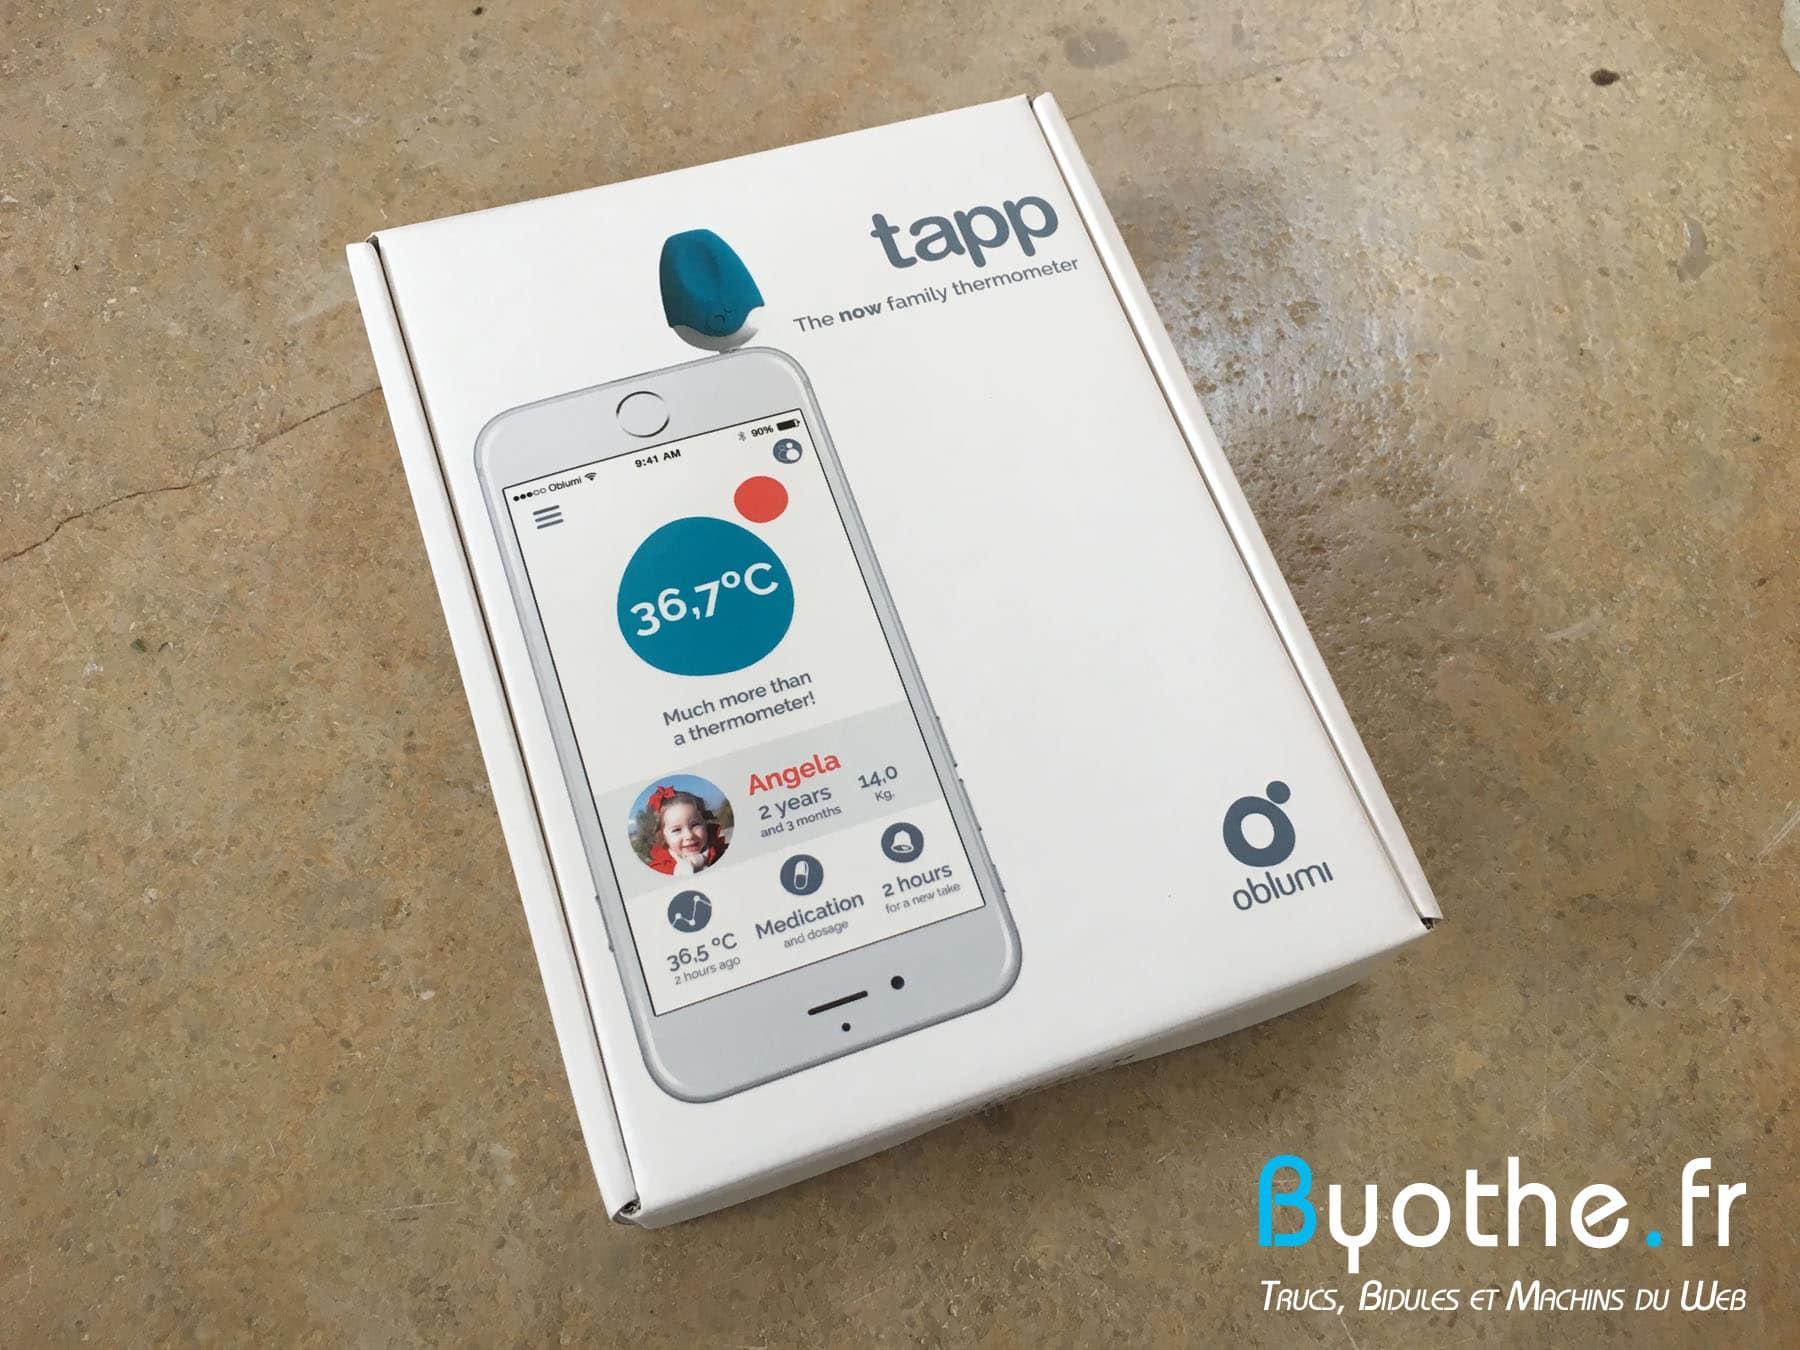 oblumi-tapp-12 Test du thermomètre digital connecté pour toute la famille Oblumi Tapp